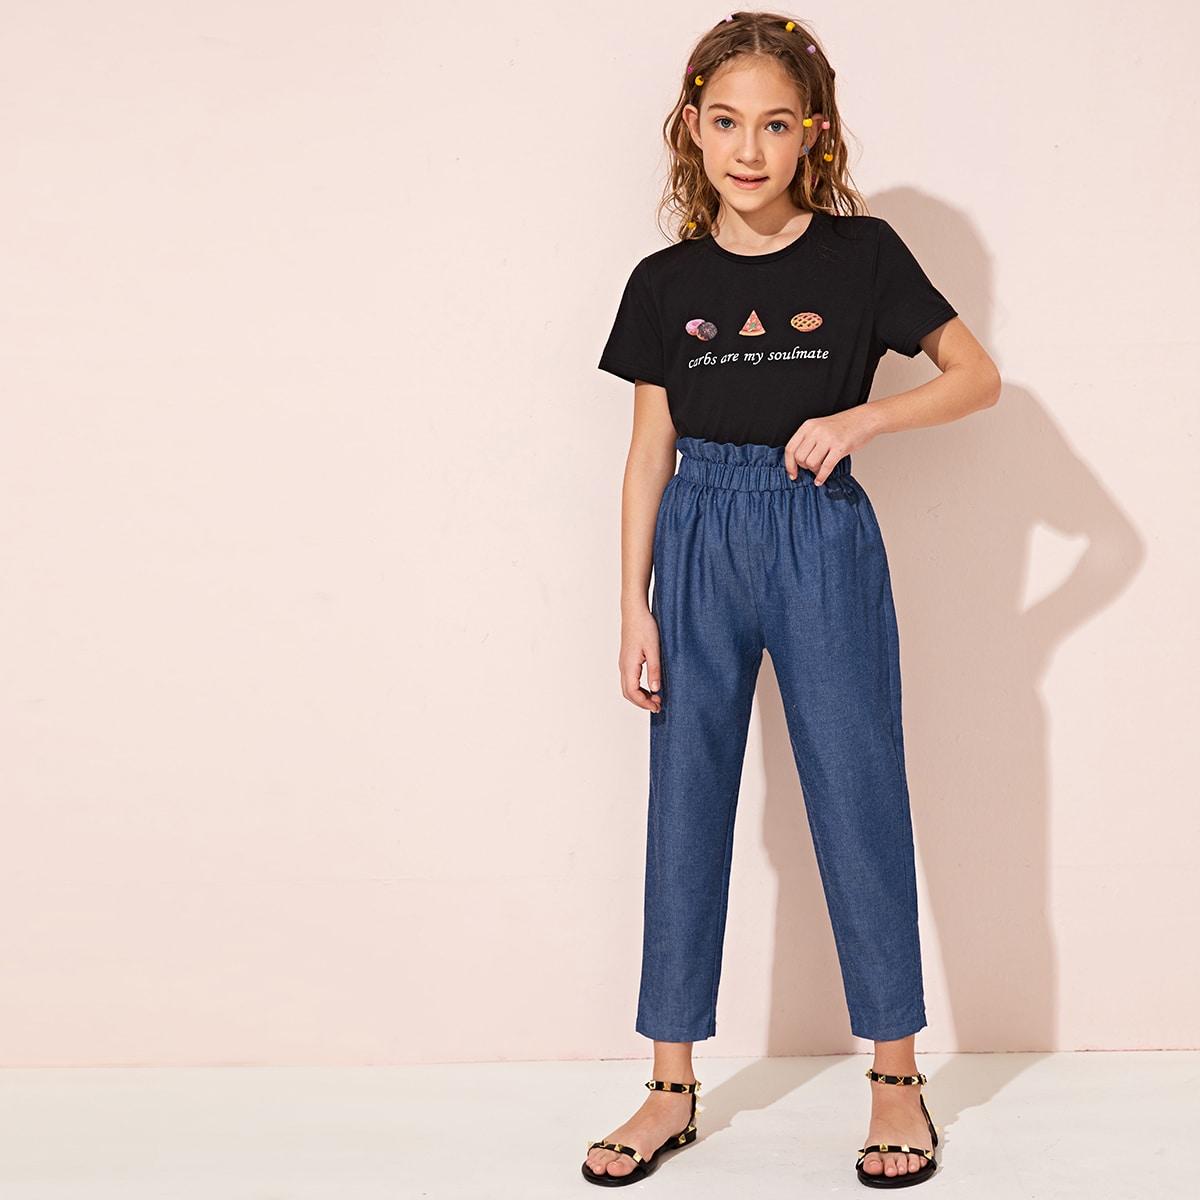 SHEIN / Mädchen T-Shirt mit Lebensmittel, Buchstaben Grafik und Hose mit Papiertasche Taille